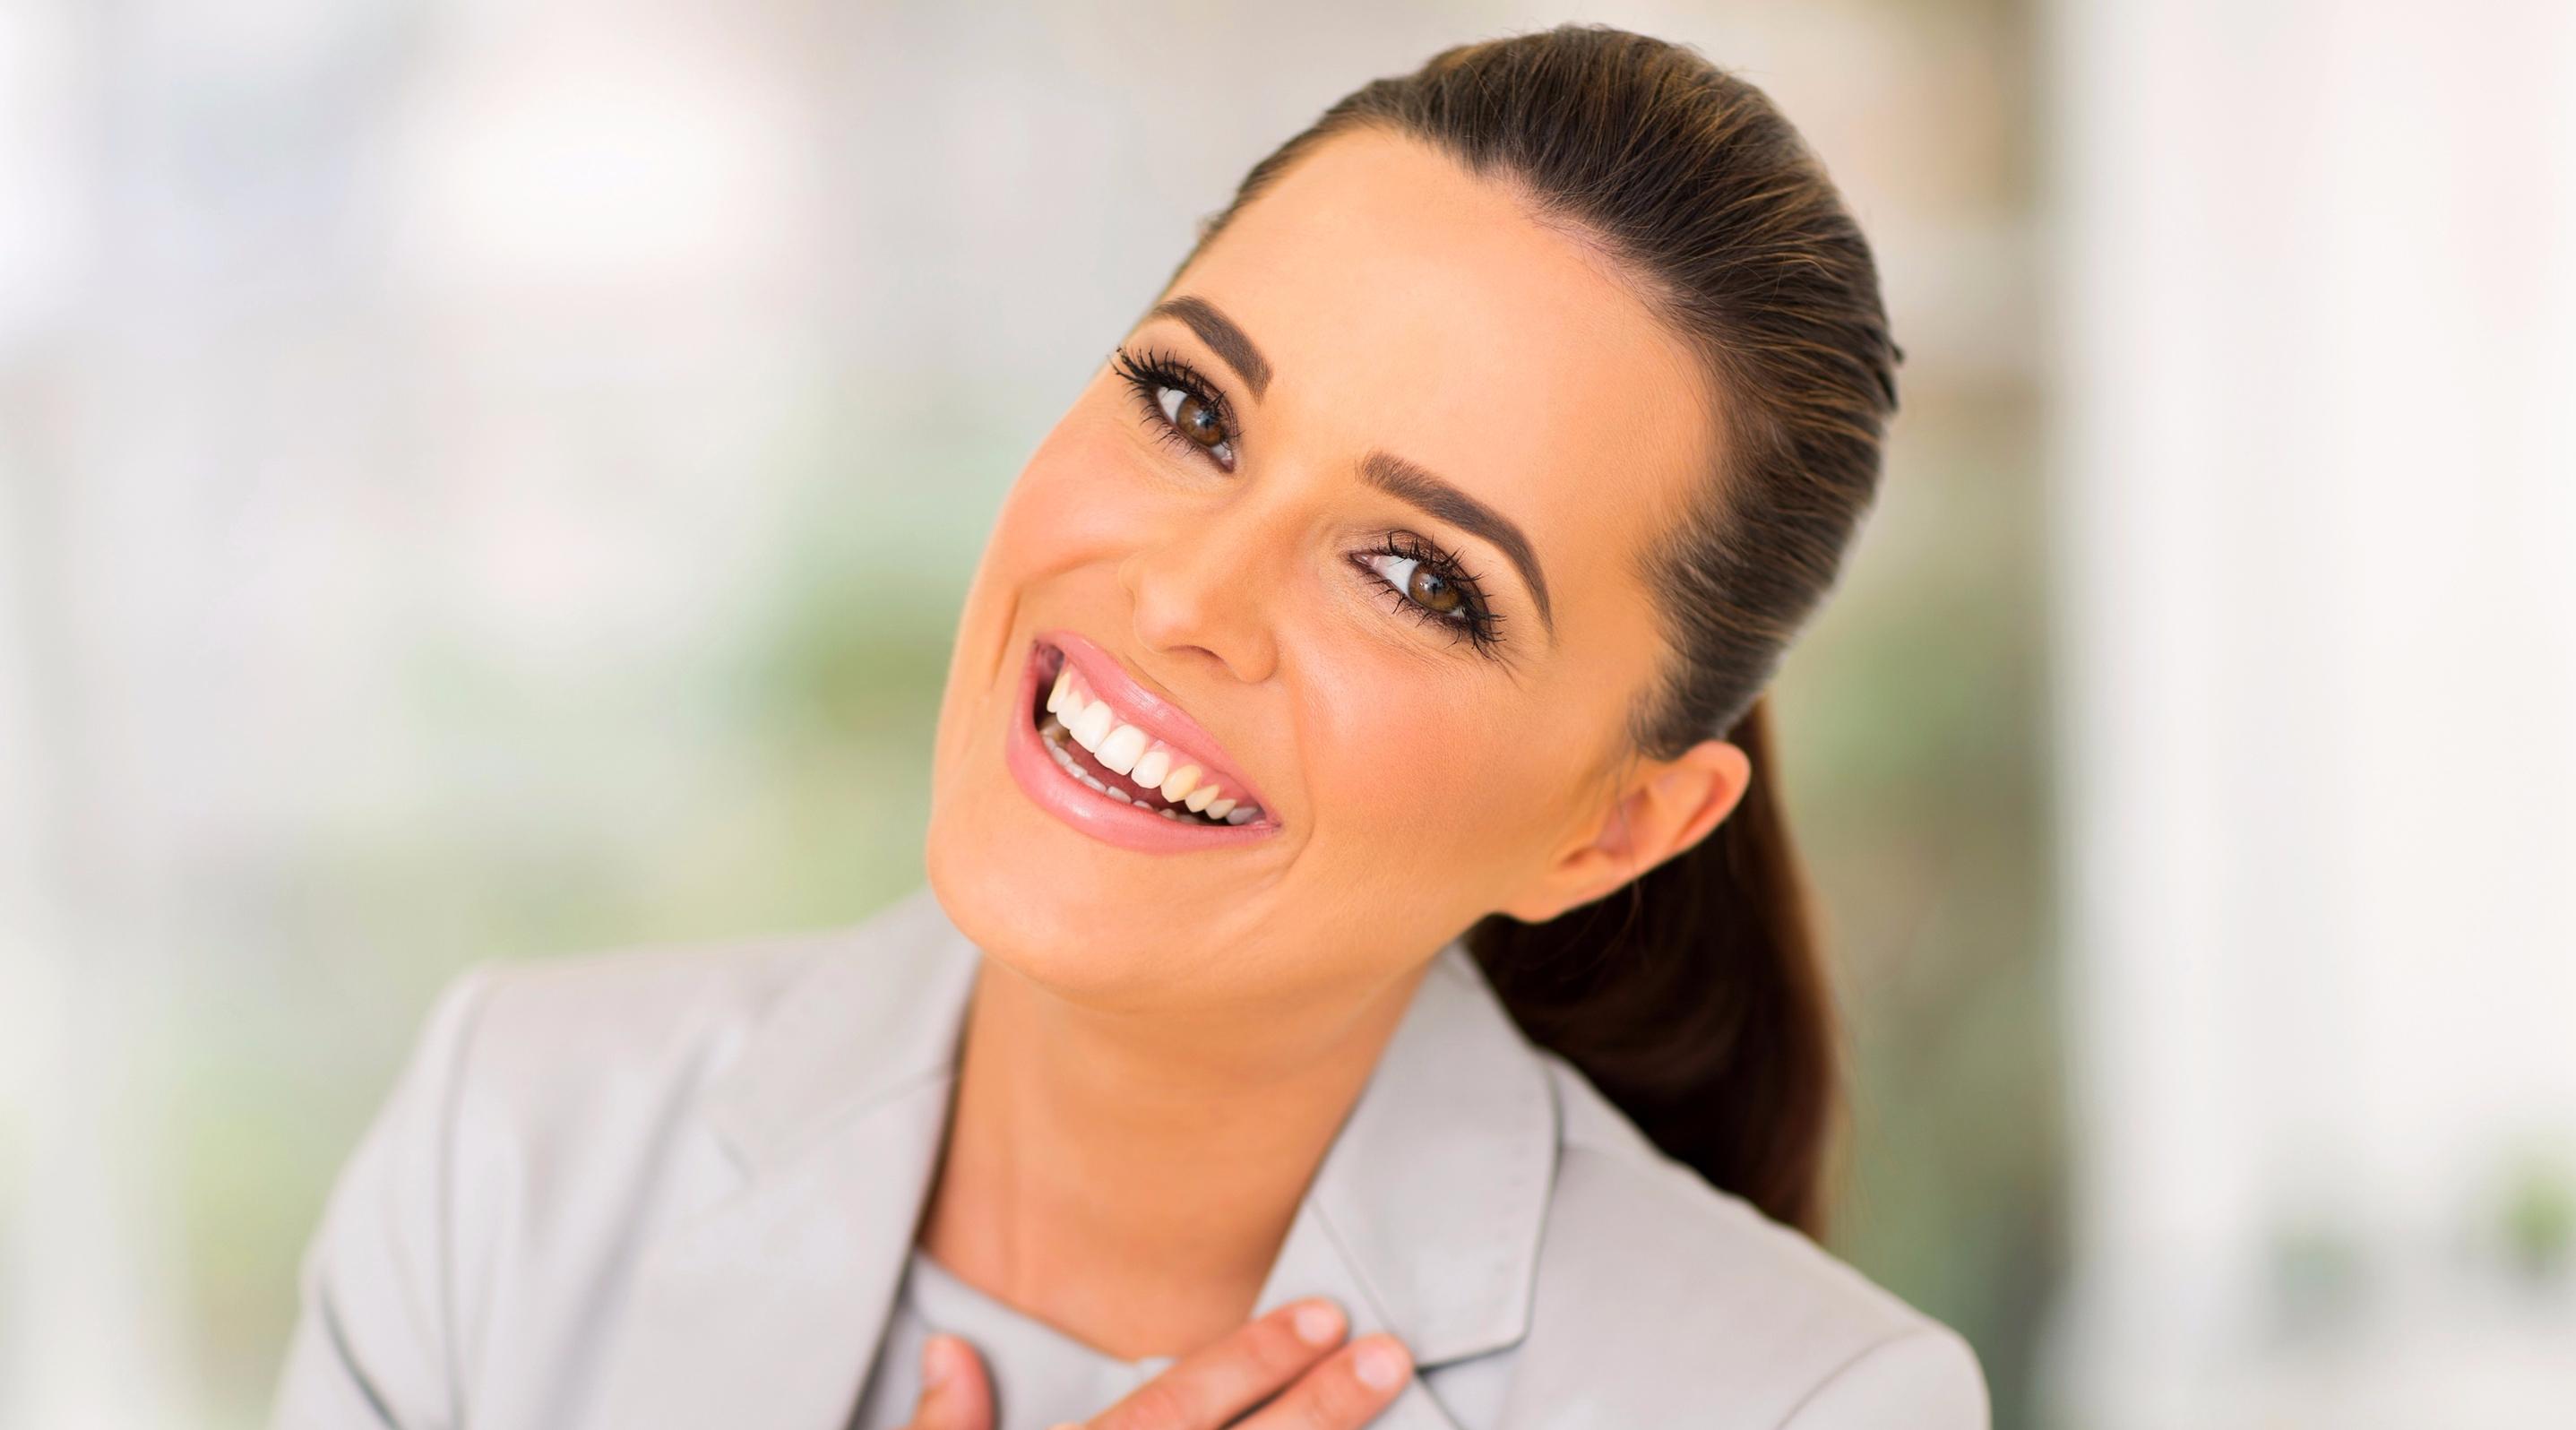 макияж в офисном деловом стиле